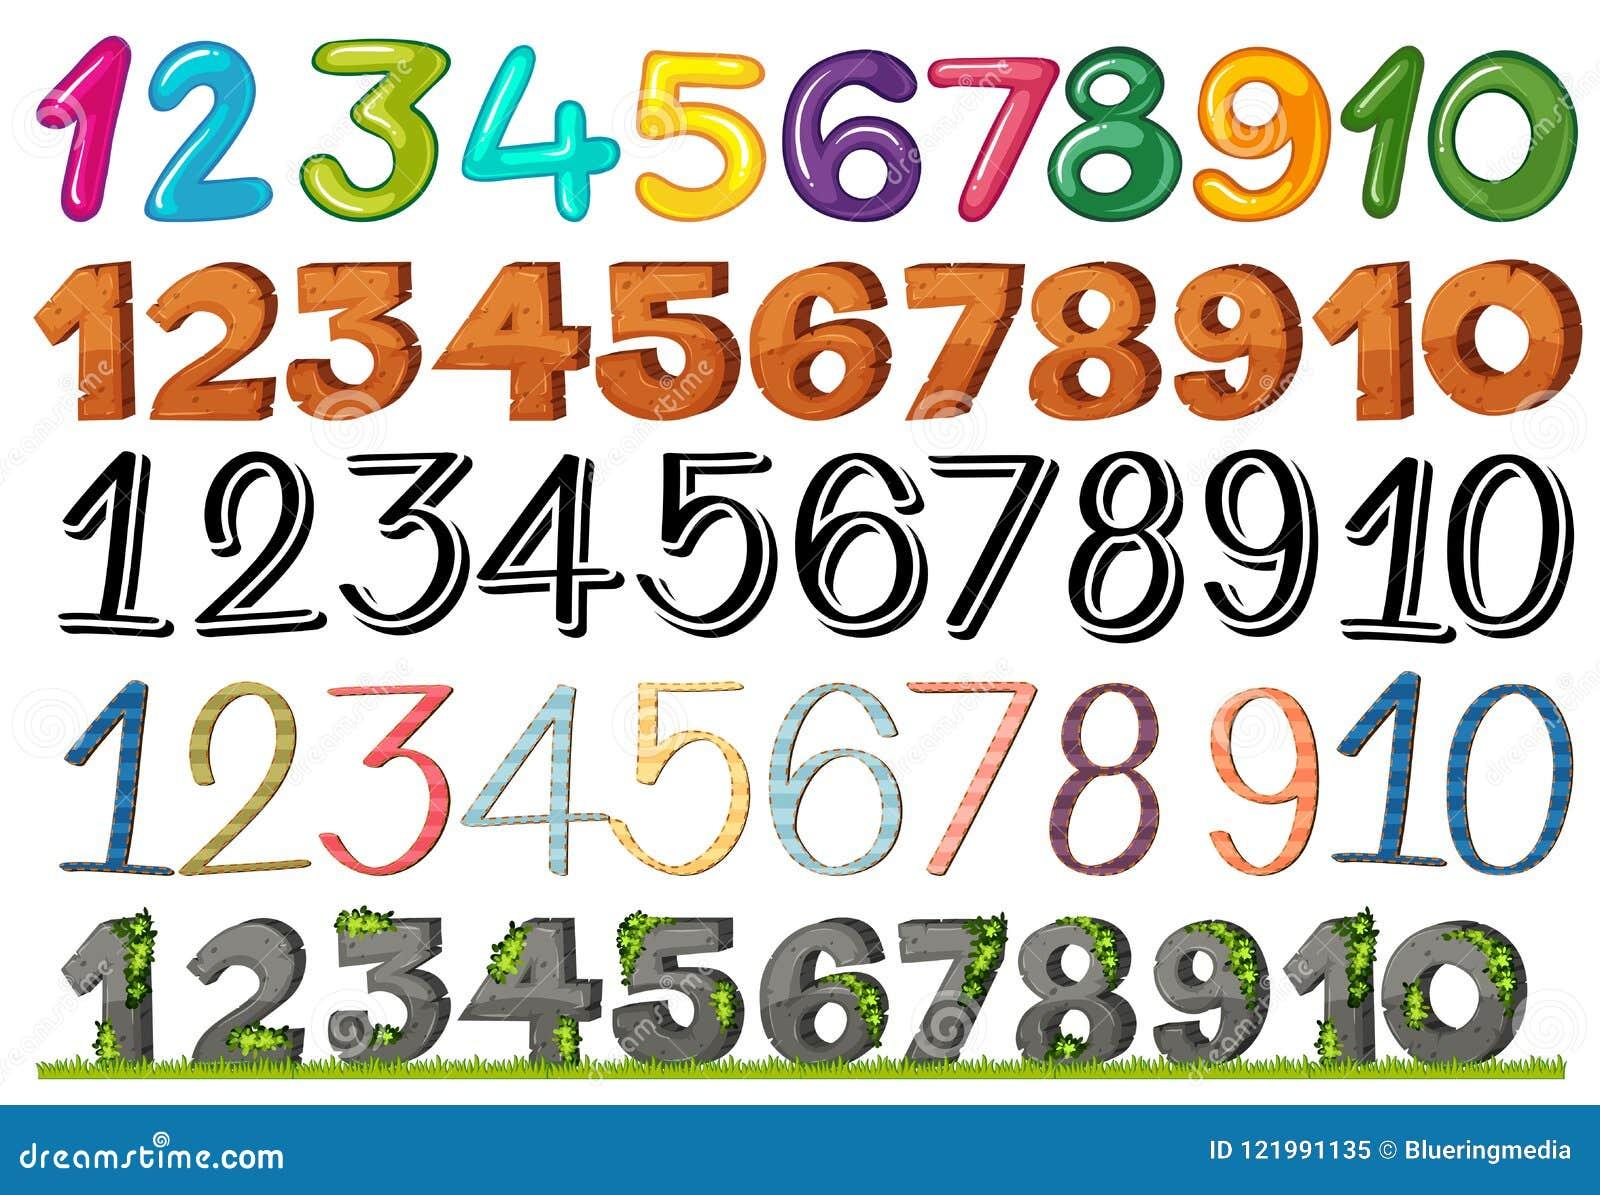 数集和字体